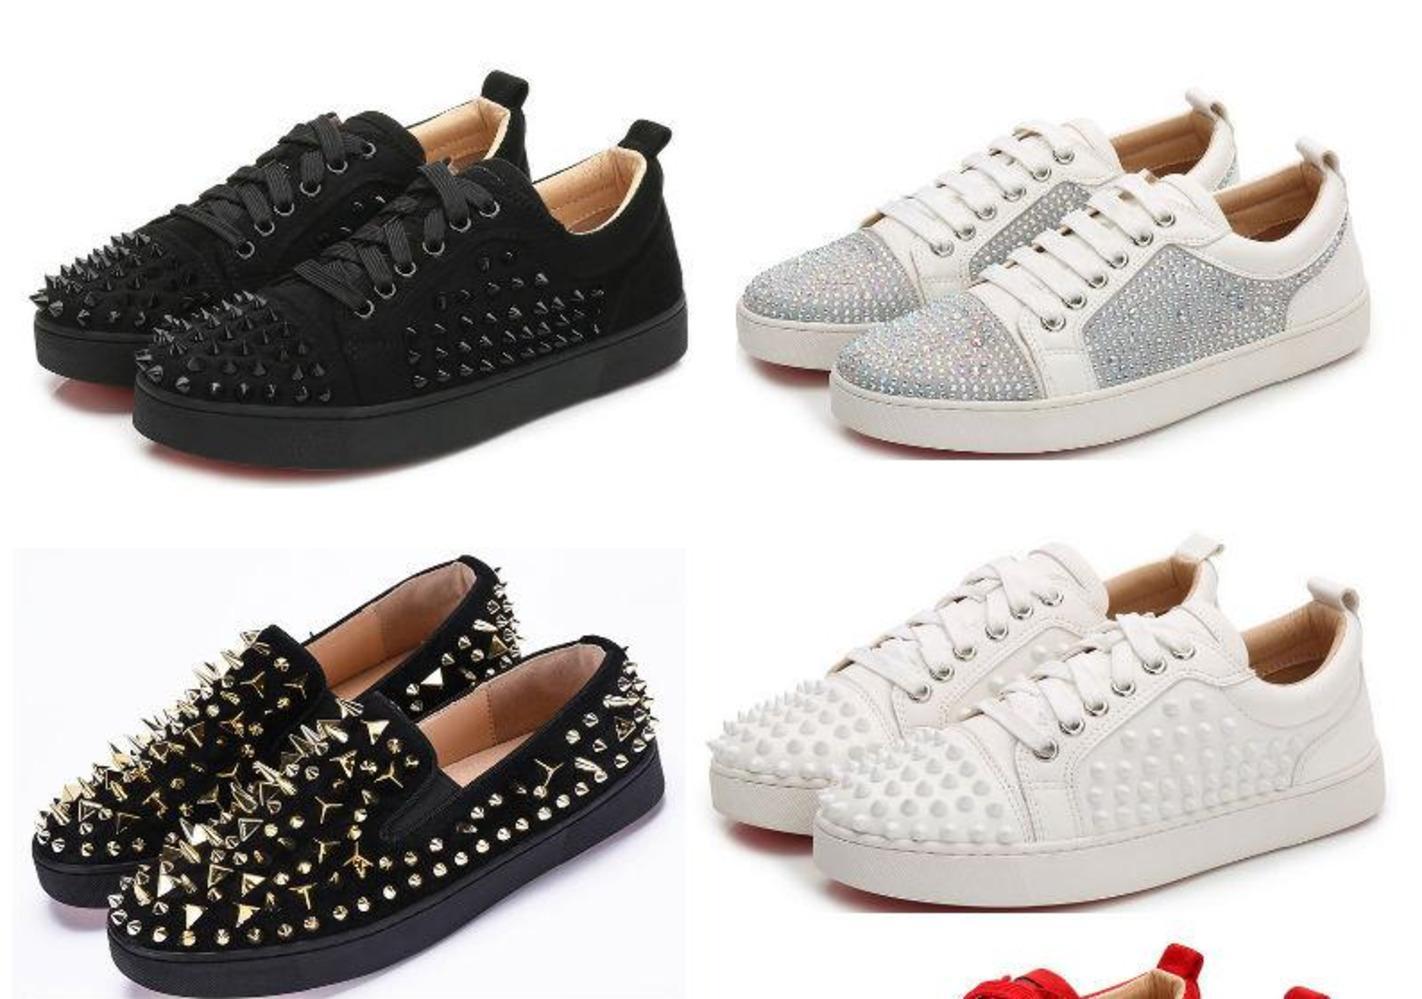 Red Bottom Дизайнерская обувь High Cut Spike Top Версия Корова Sedue теленок Sneaker Luxury Party Свадебная обувь из натуральной кожи Повседневная обувь -